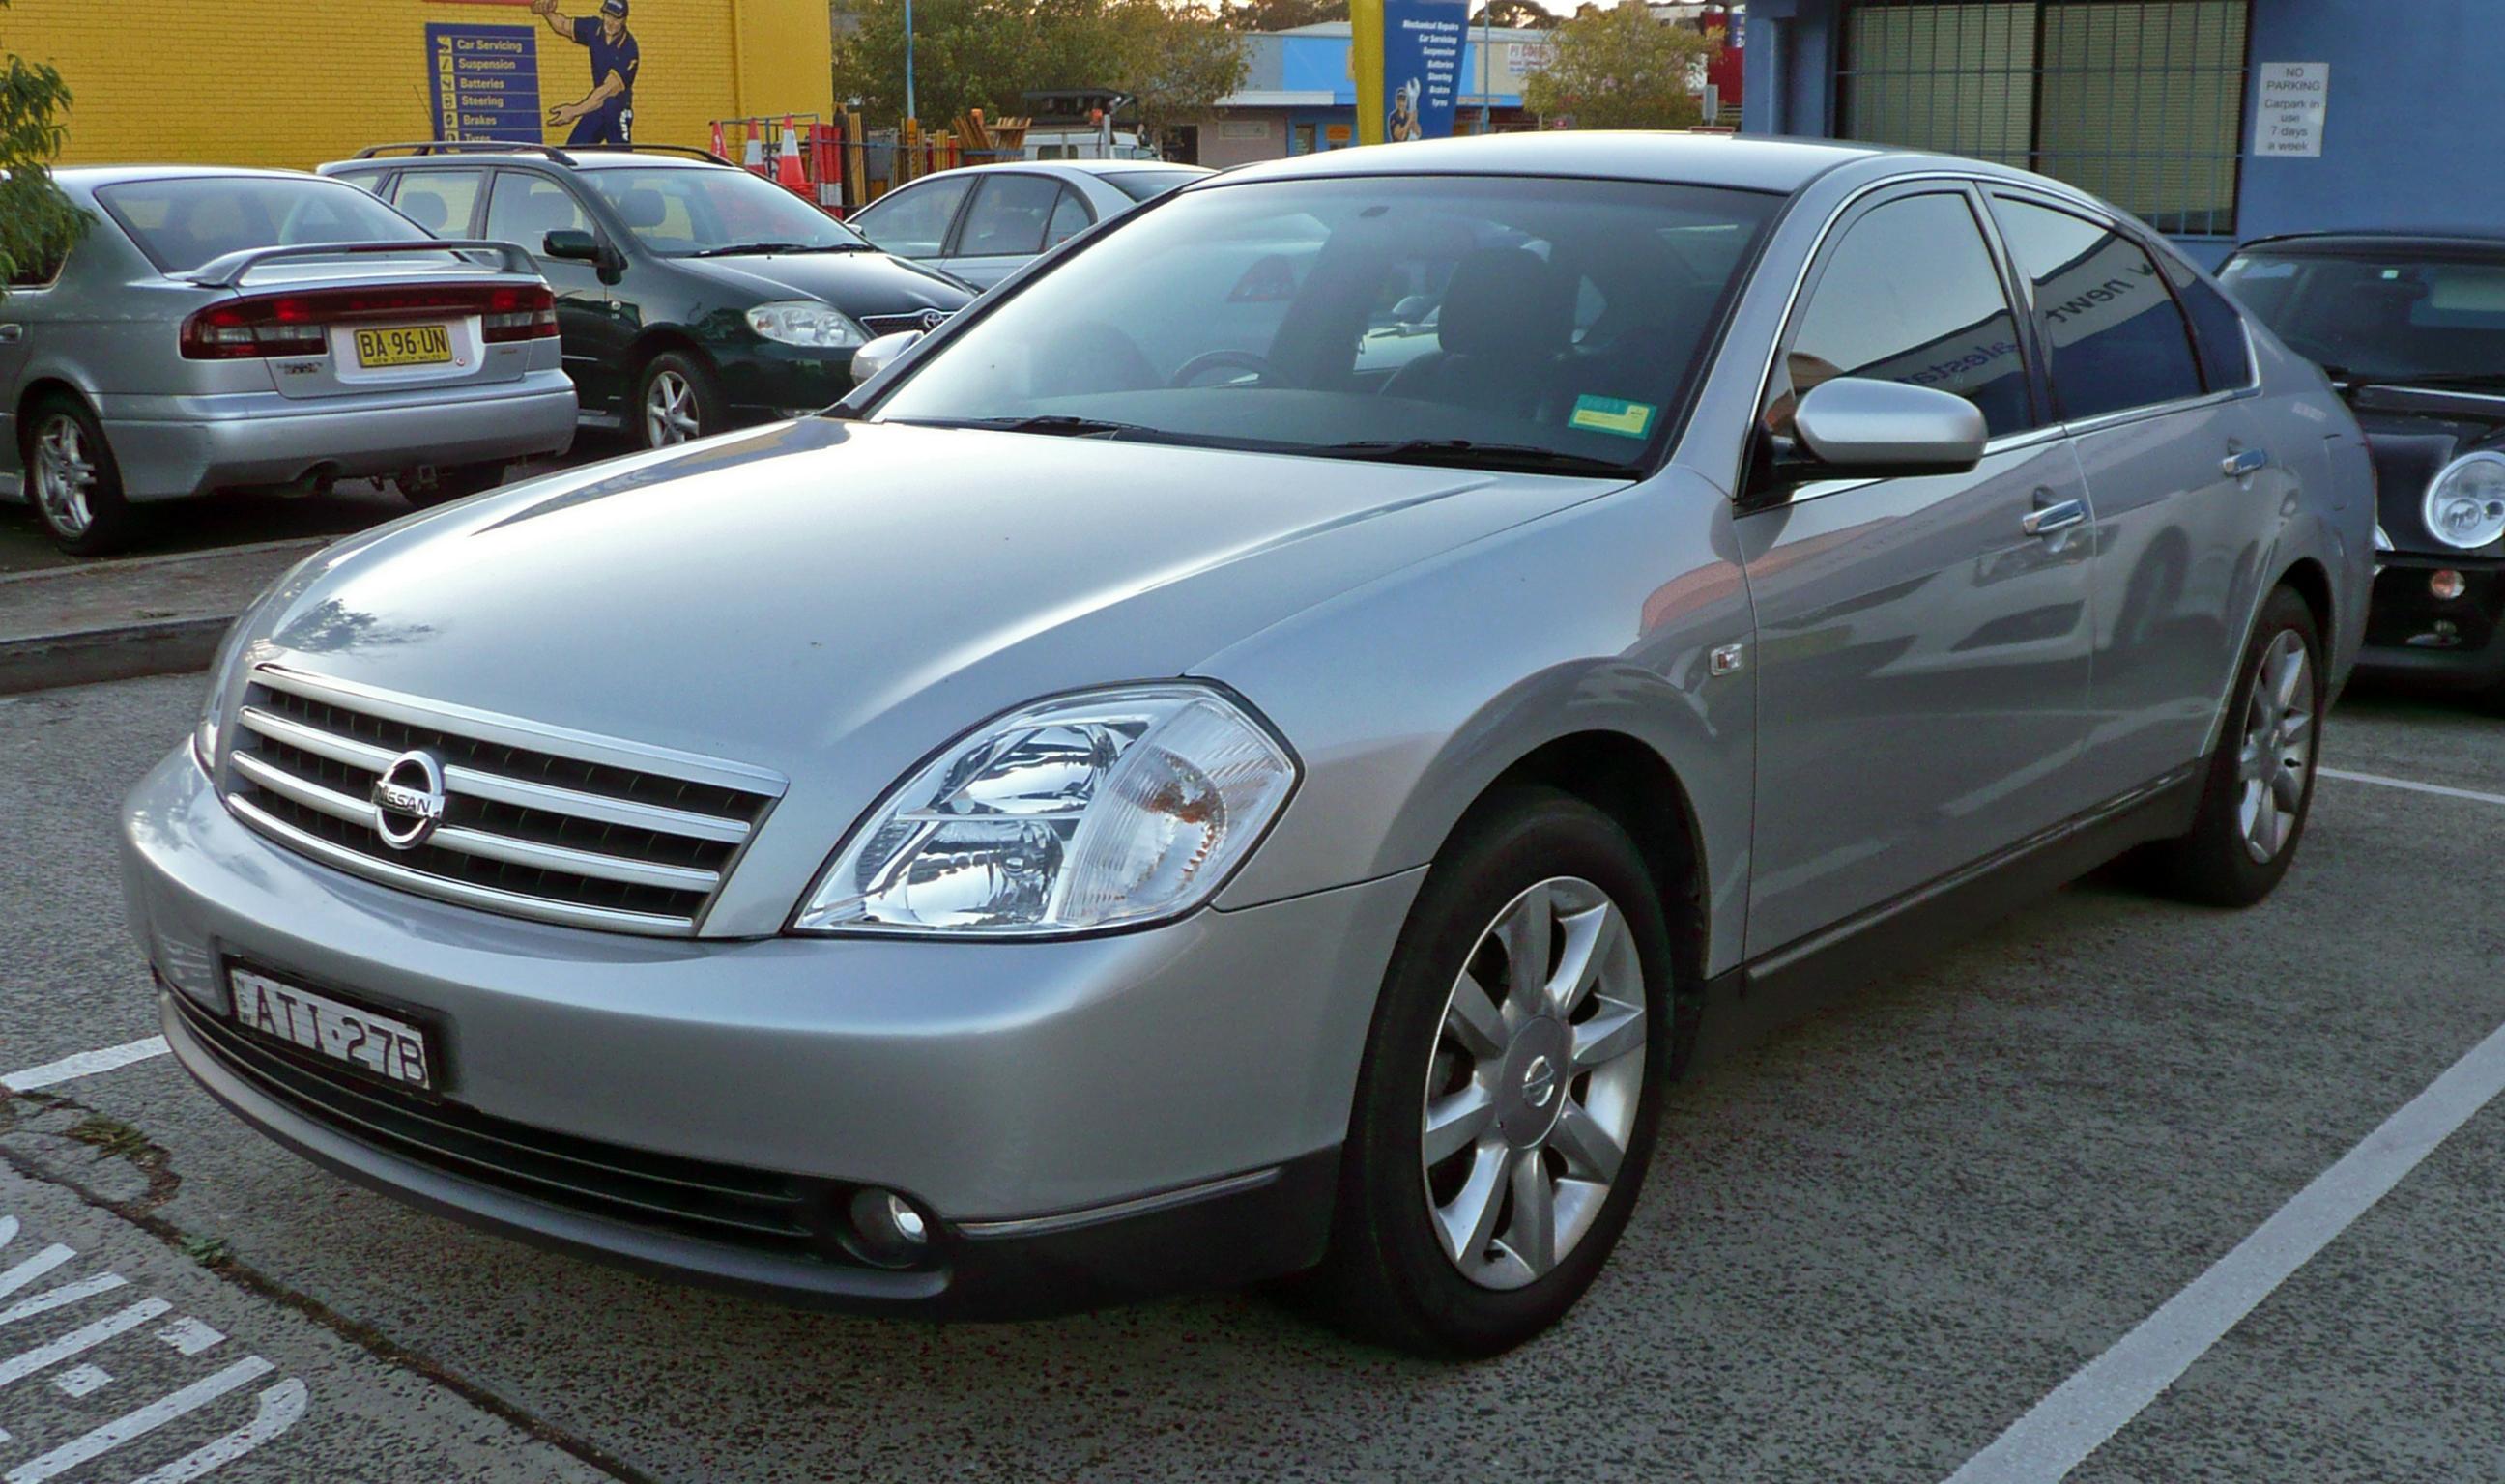 Nissan Teana I 2003 - 2006 Sedan #3